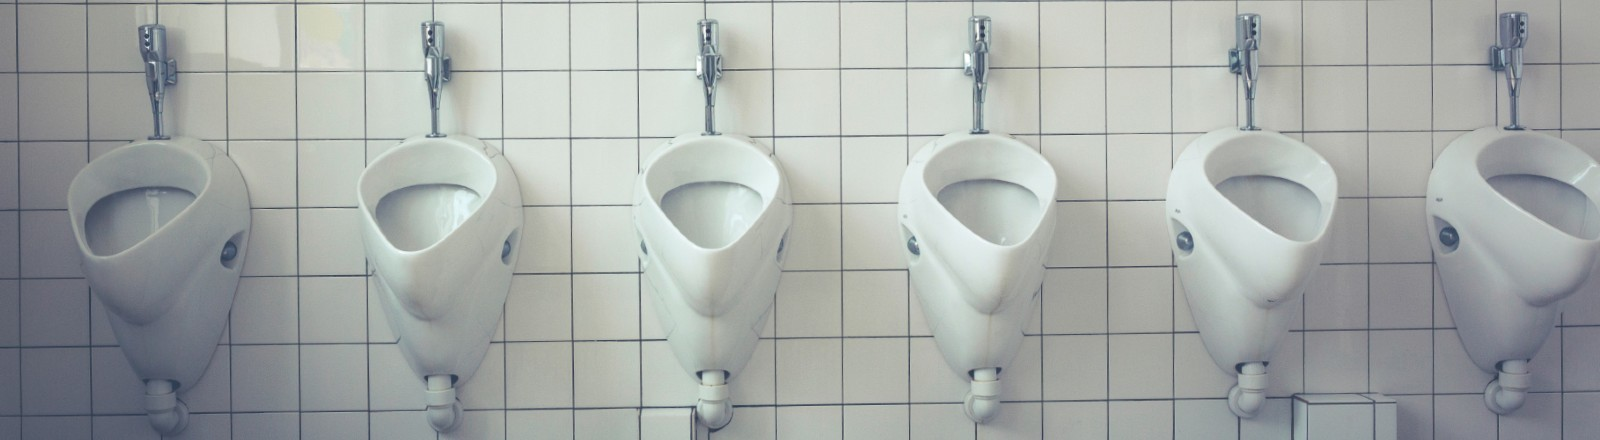 Urinale in einer Reihe